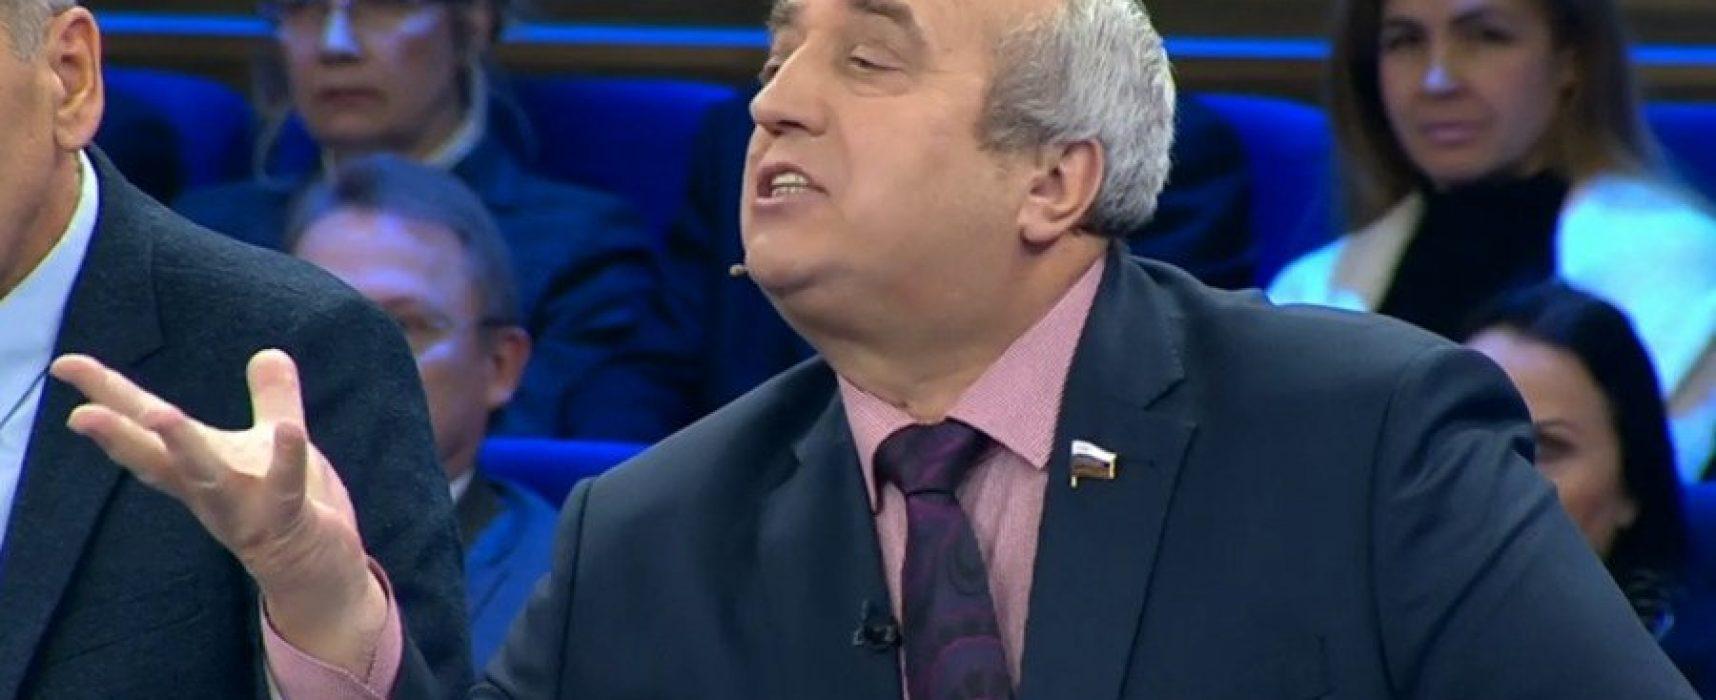 Игорь Яковенко: Юмор Франца Клинцевича и гордость Сергея Маркова